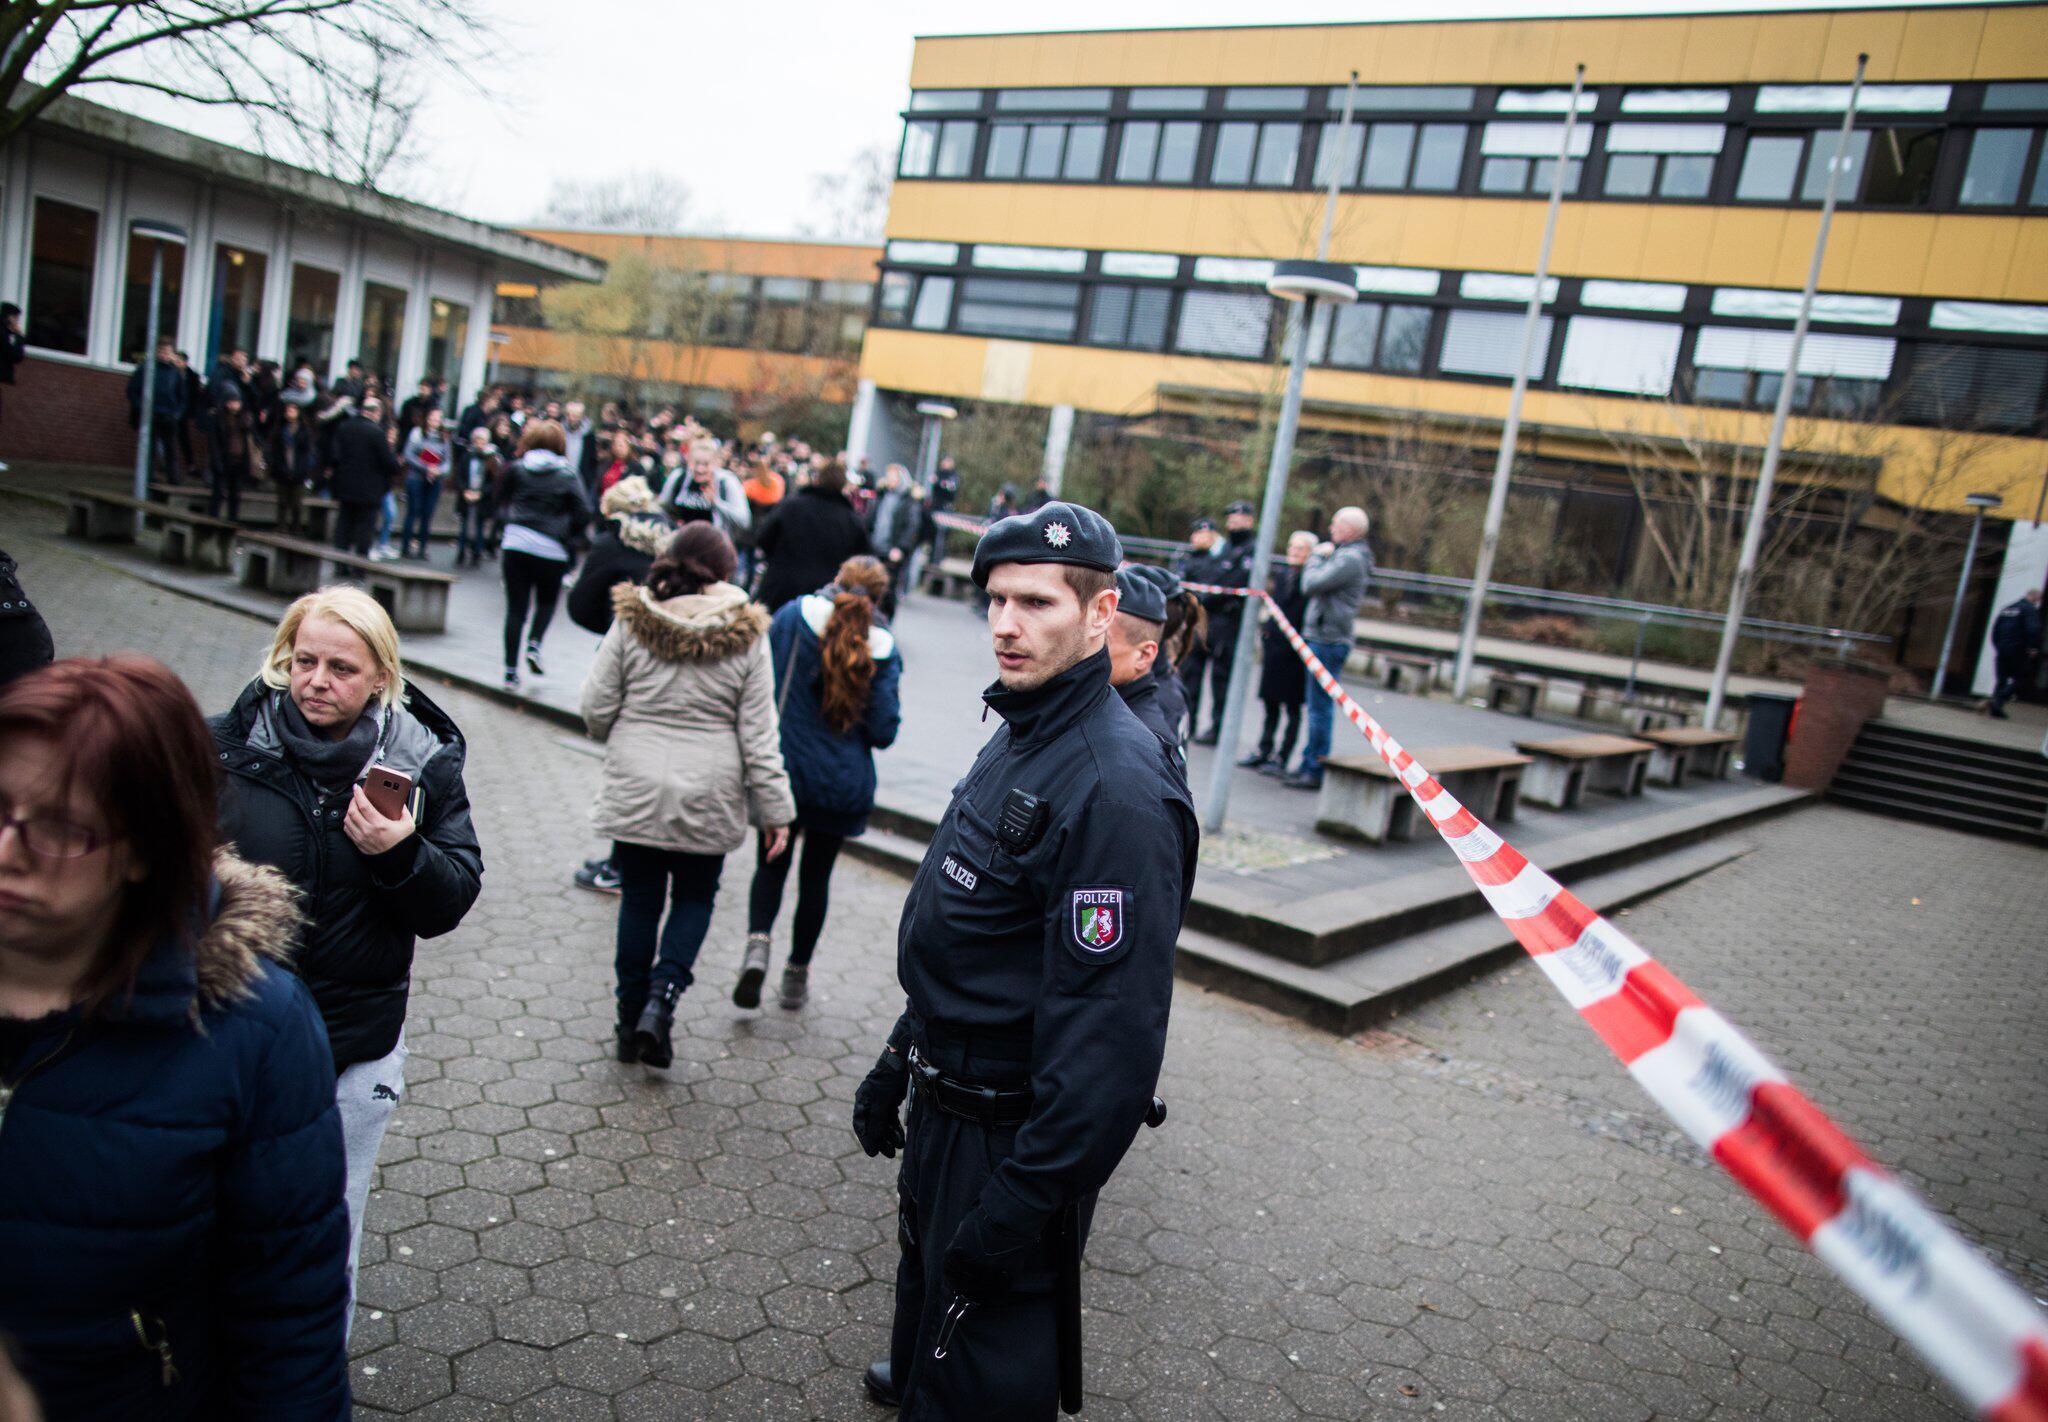 Bild zu Pupil killed in Luenen